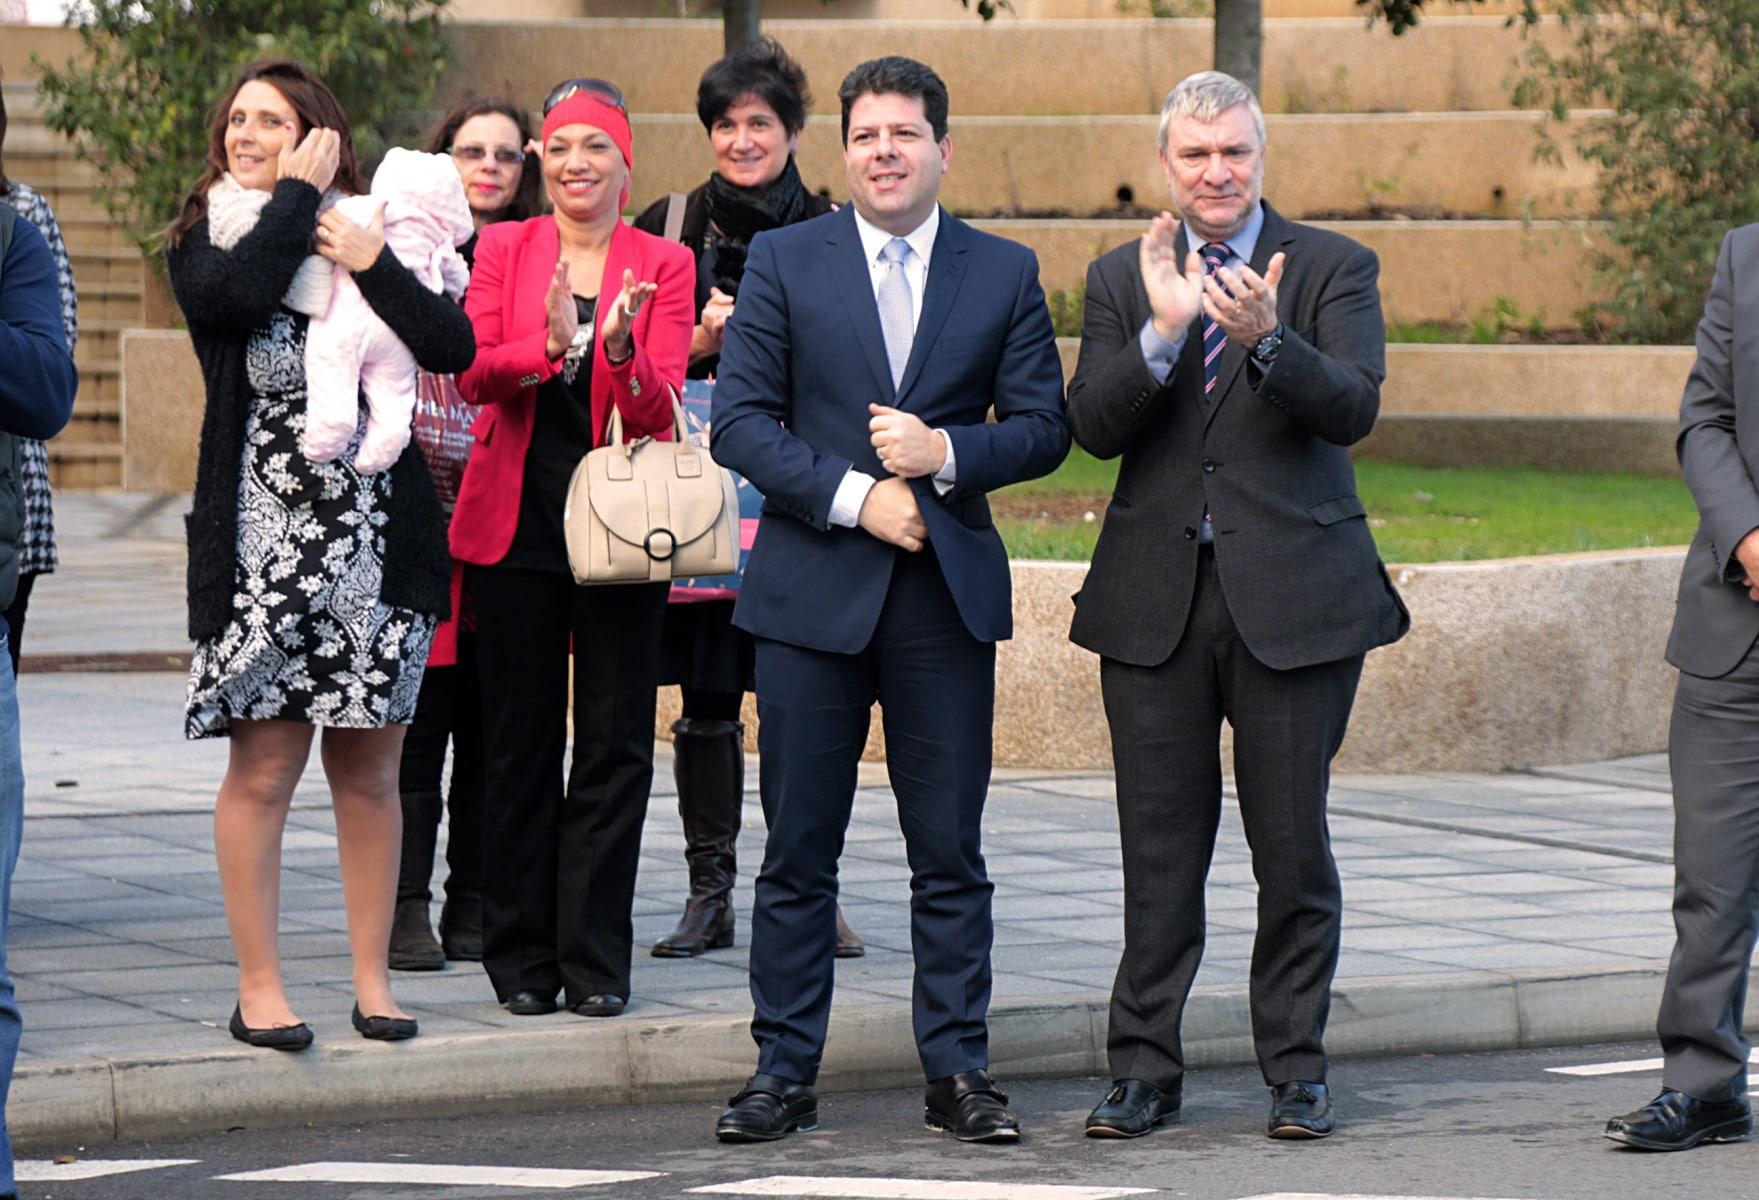 inauguracin-del-monumento-a-la-mujer-en-gibraltar_30656124973_o